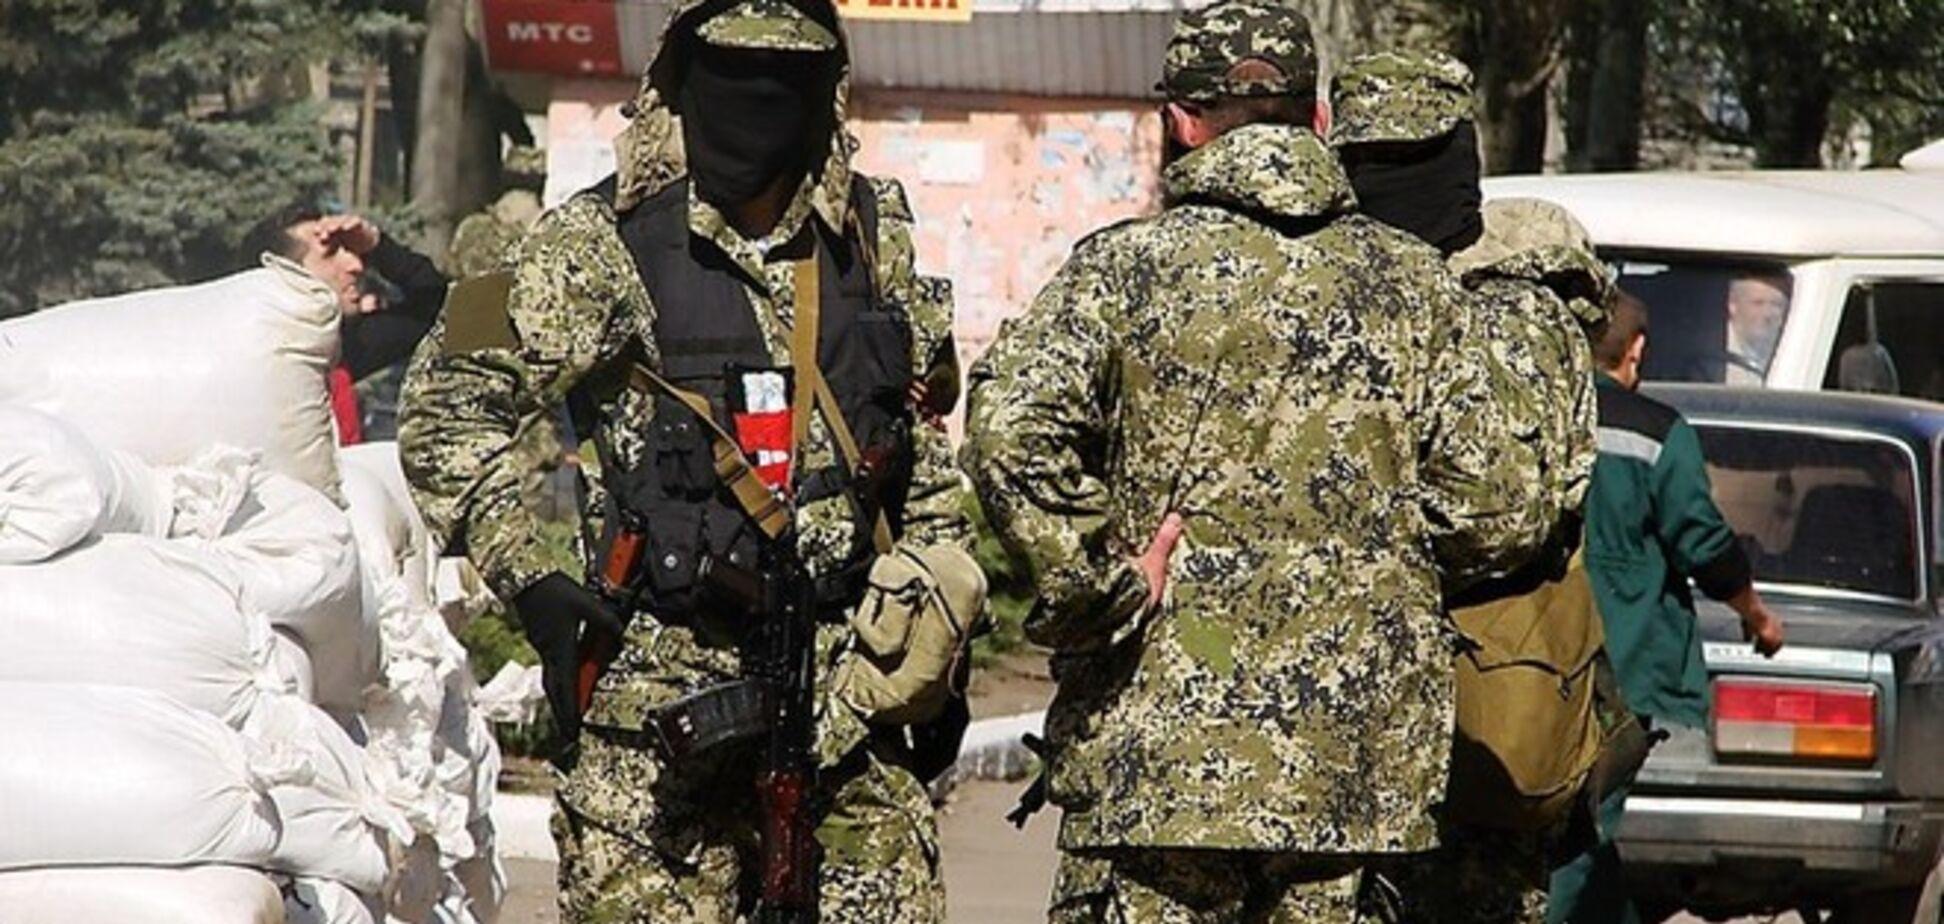 В Донецке 'ДНРовцы' украли 9 авто, захватили прокуратуру и удерживают в плену журналиста